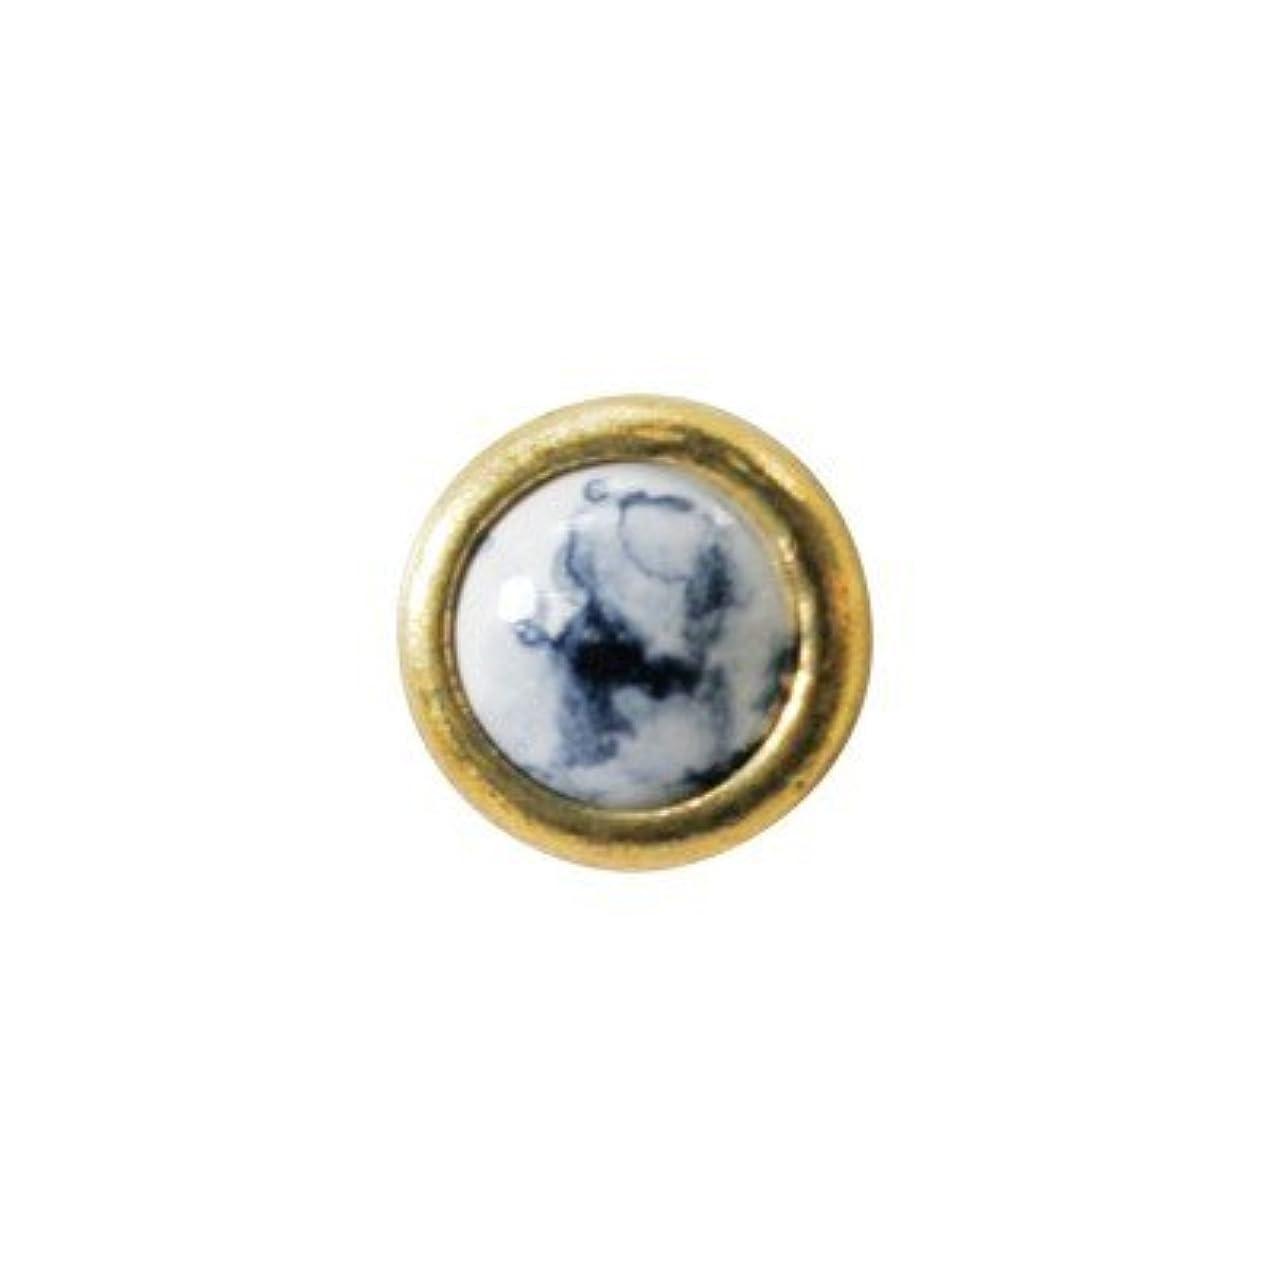 日焼けナチュラ多様体クレア ゴールド&ラウンド ホワイトマーブリー NP-124G 10p